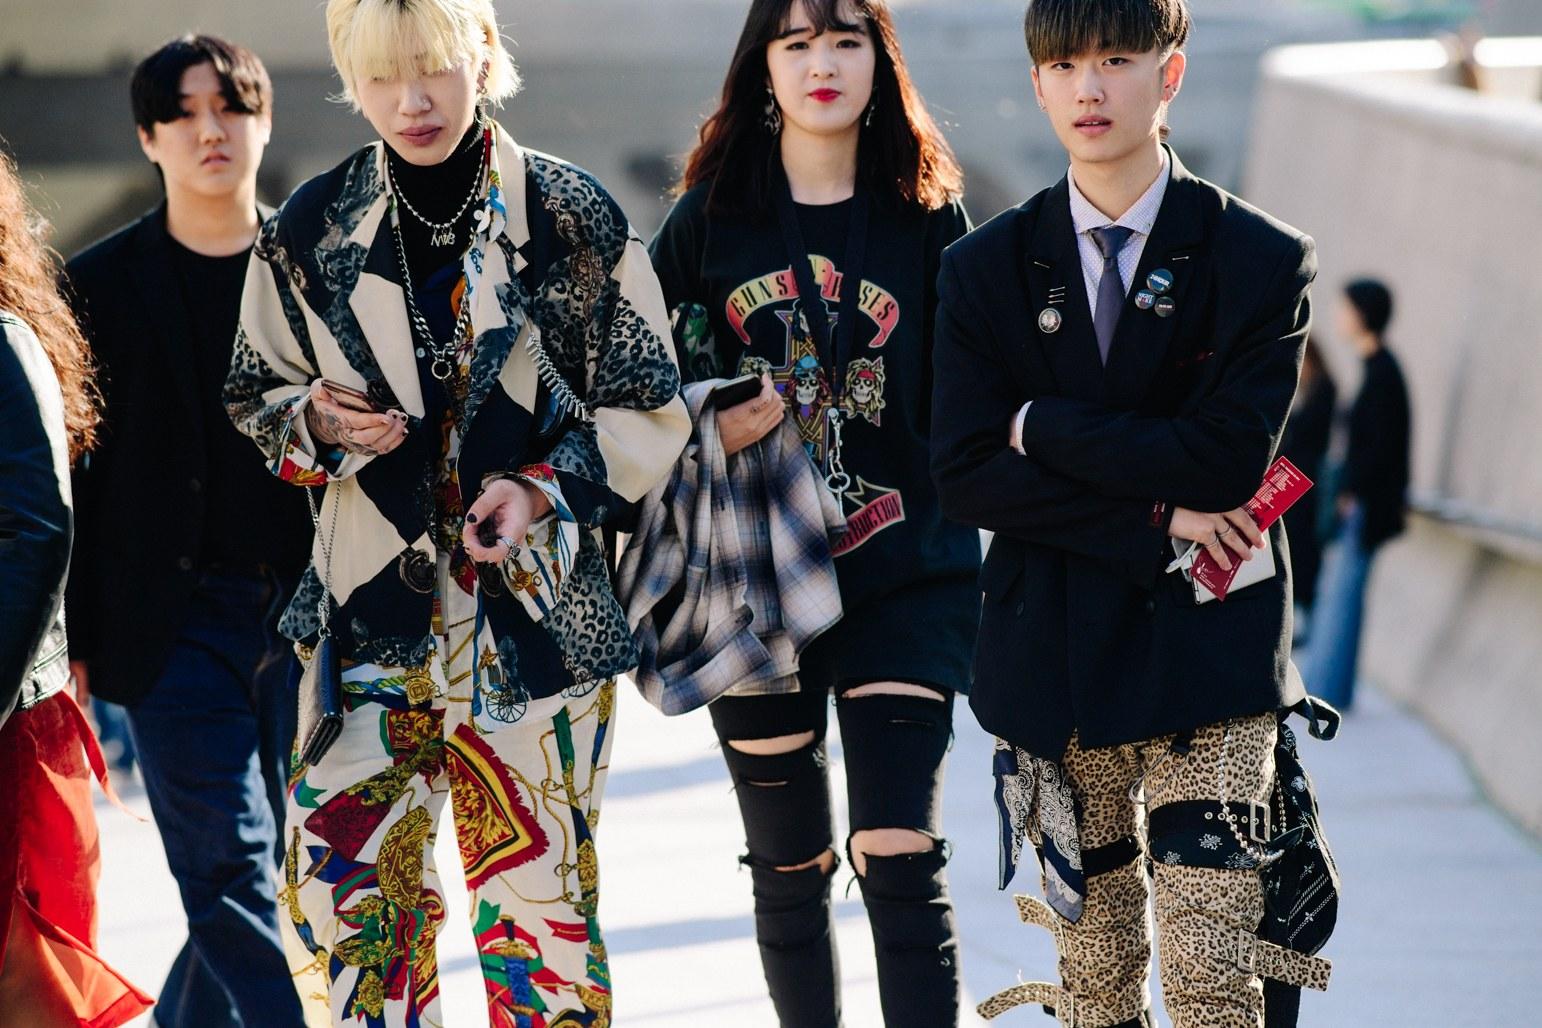 Seoul Fashion Week: Riêng về street style, giới trẻ Hàn nào có thua kém các ngôi sao nổi tiếng - Ảnh 13.